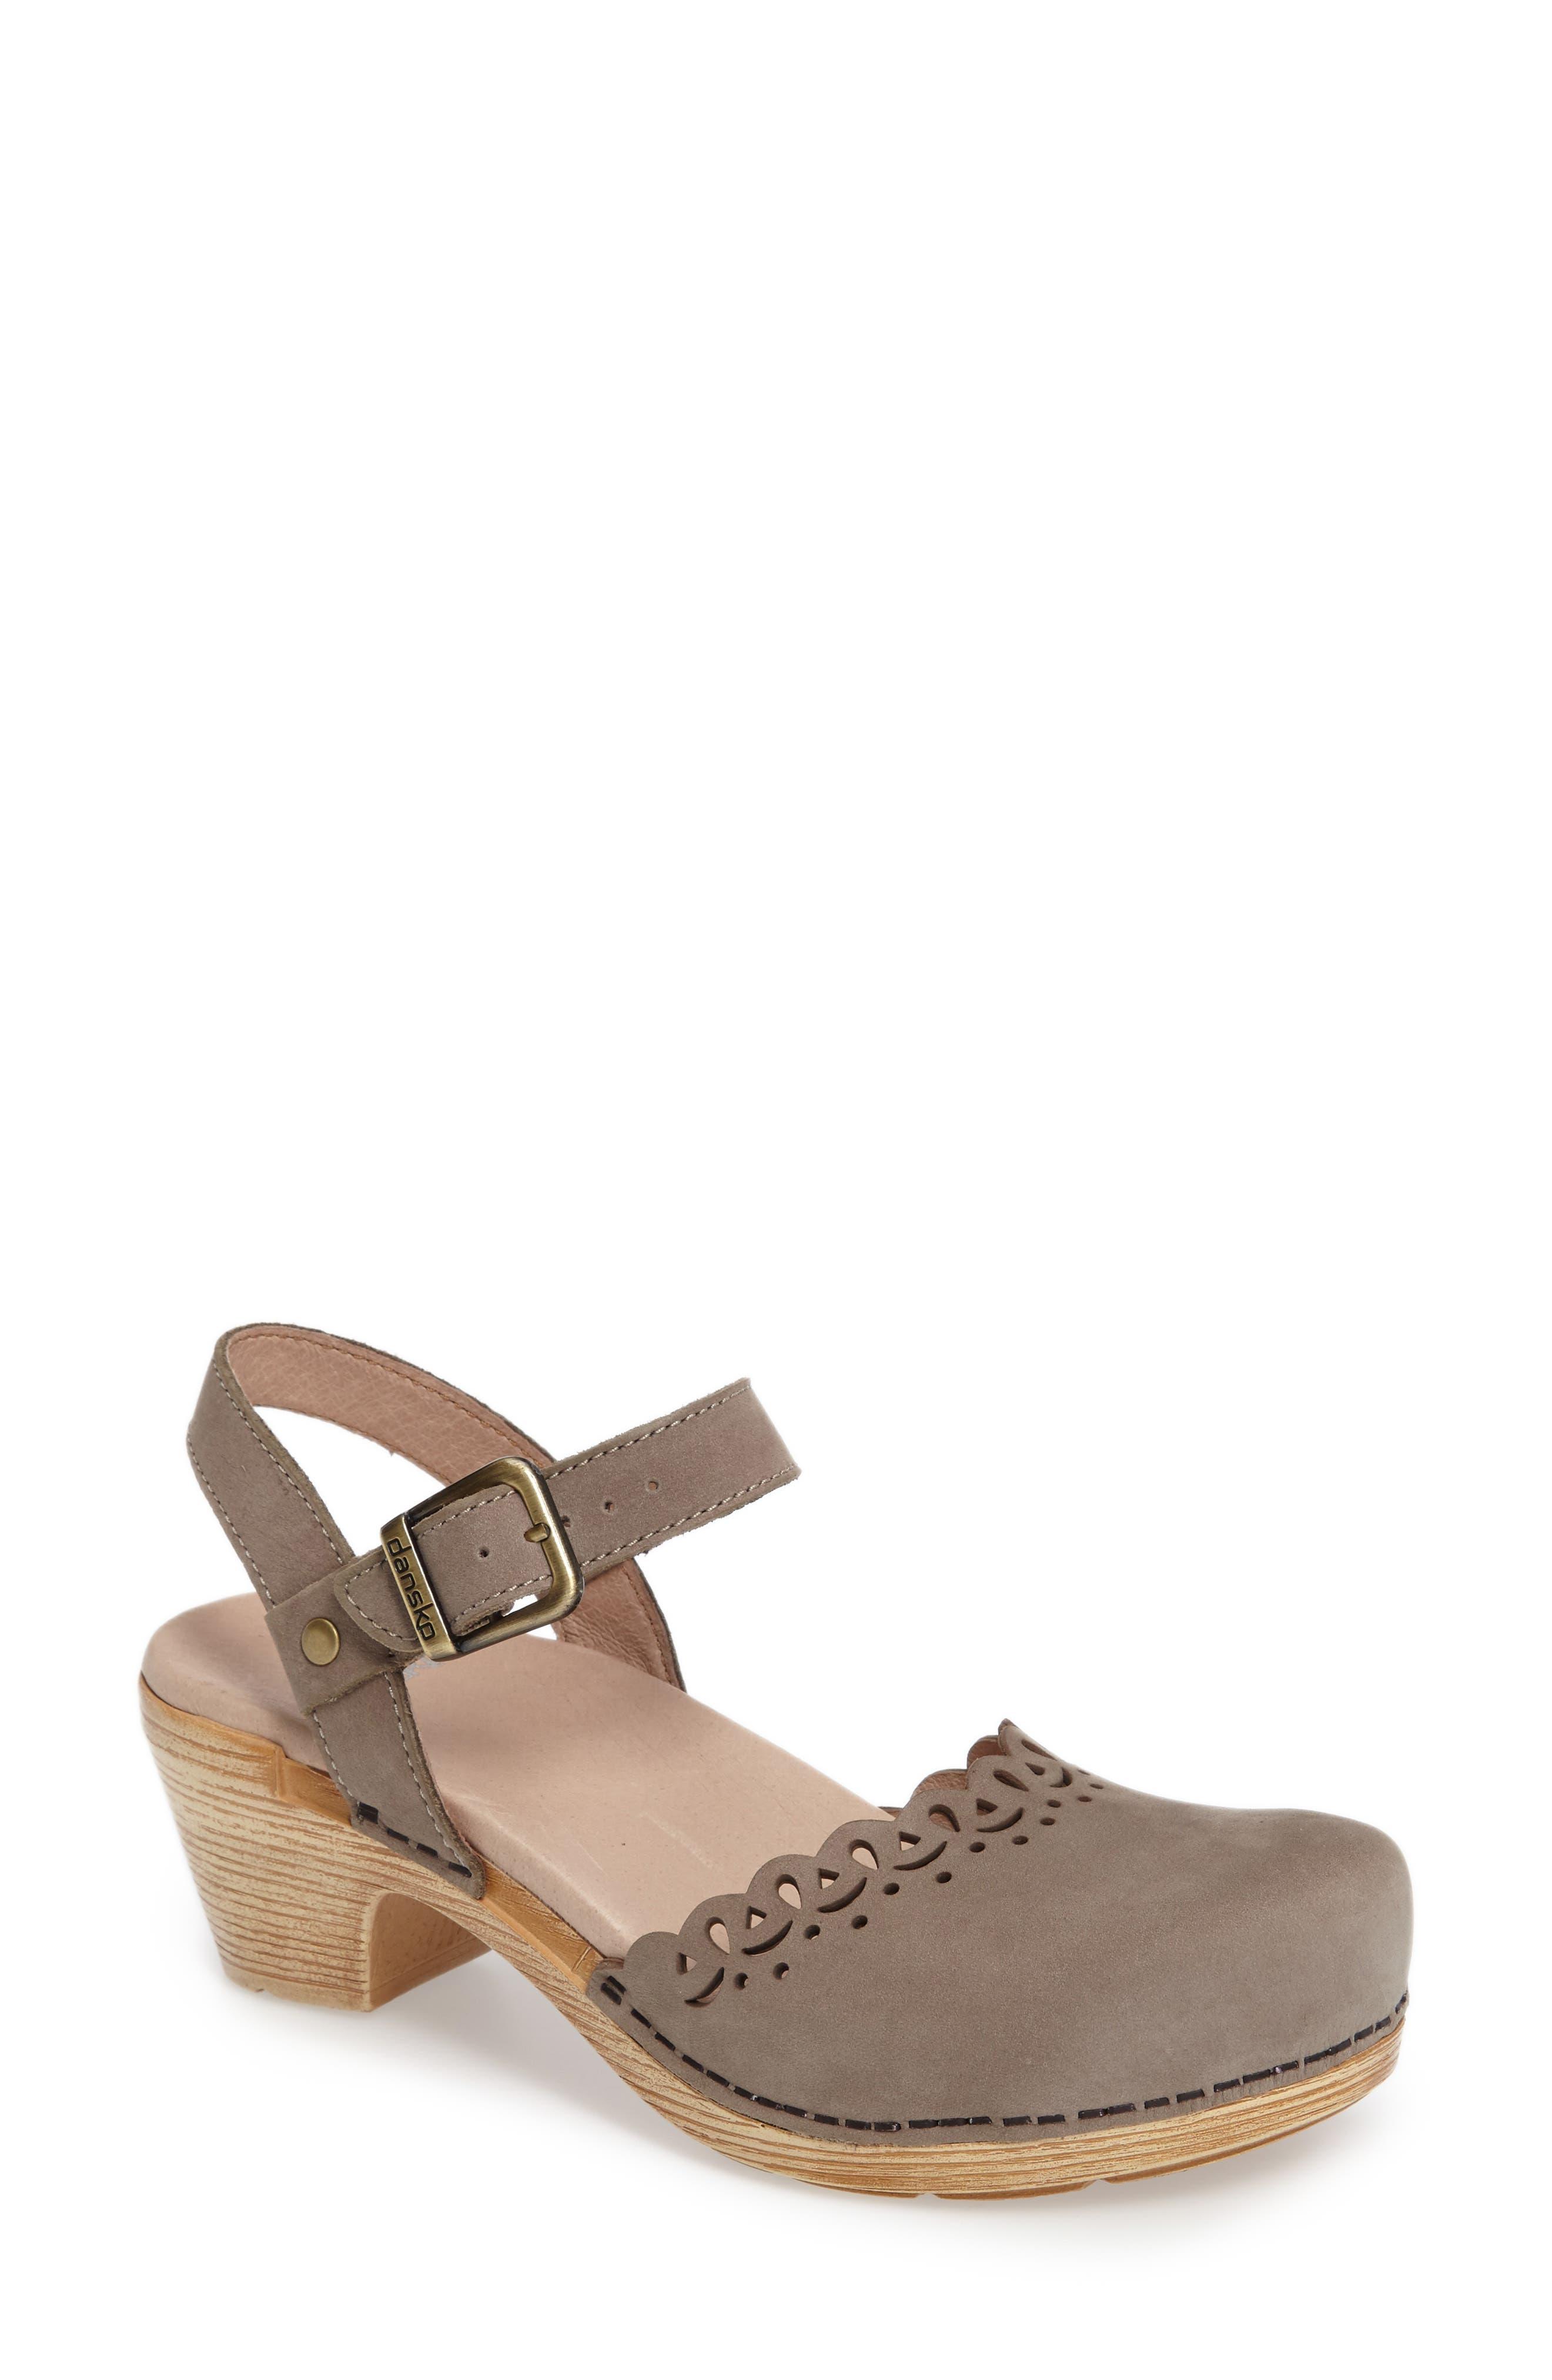 Dansko 'Marta' Ankle Strap Clog (Women)